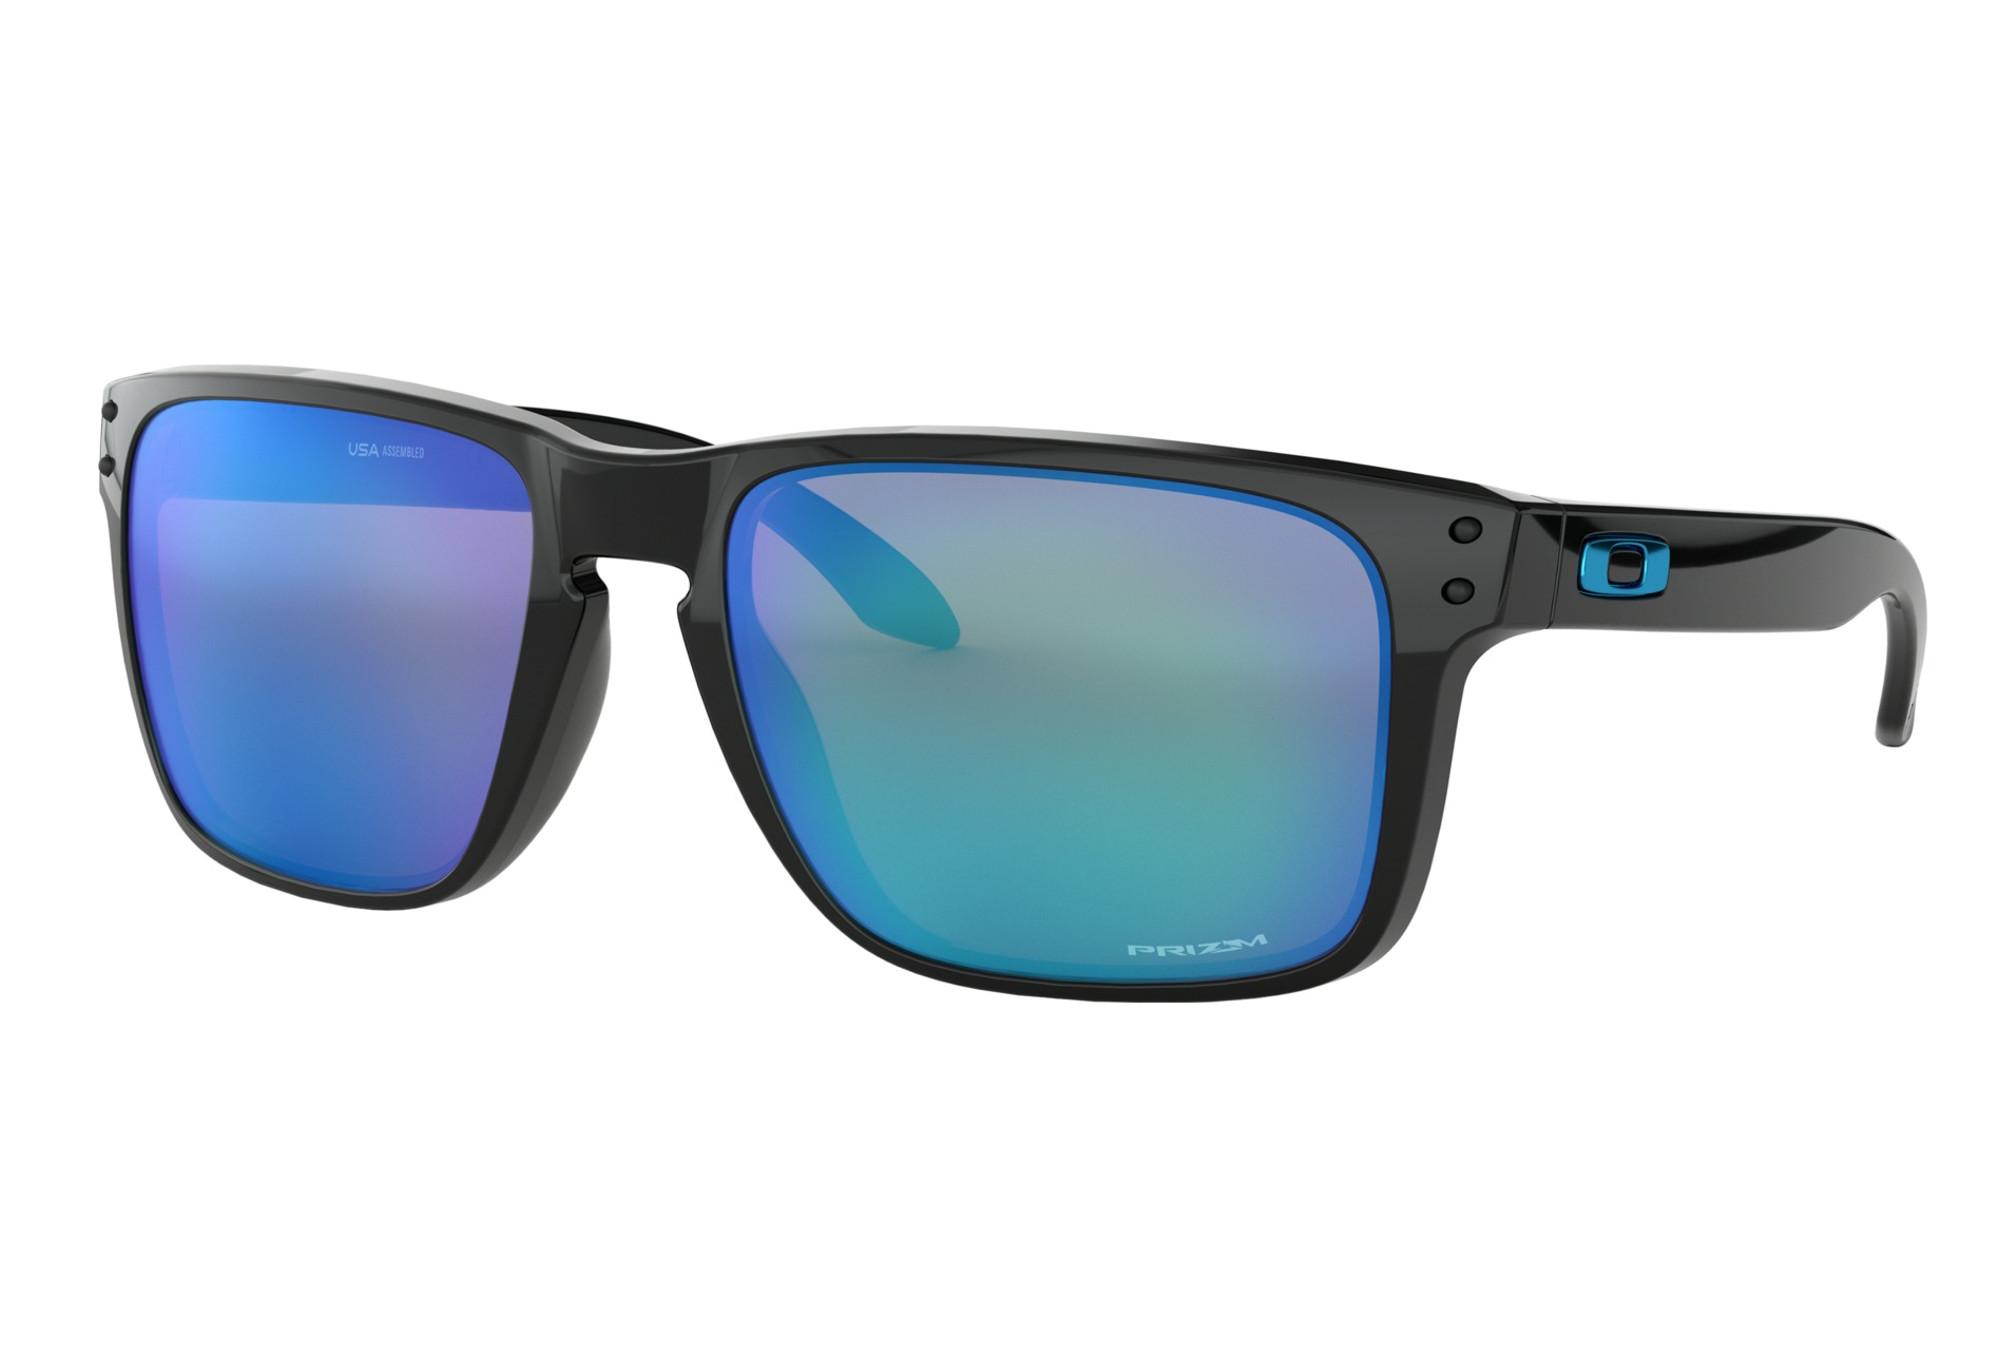 détaillant en ligne très convoité gamme de plus gros rabais Lunettes Oakley Holbrook XL Noir - Prizm Sapphire OO9417-0359